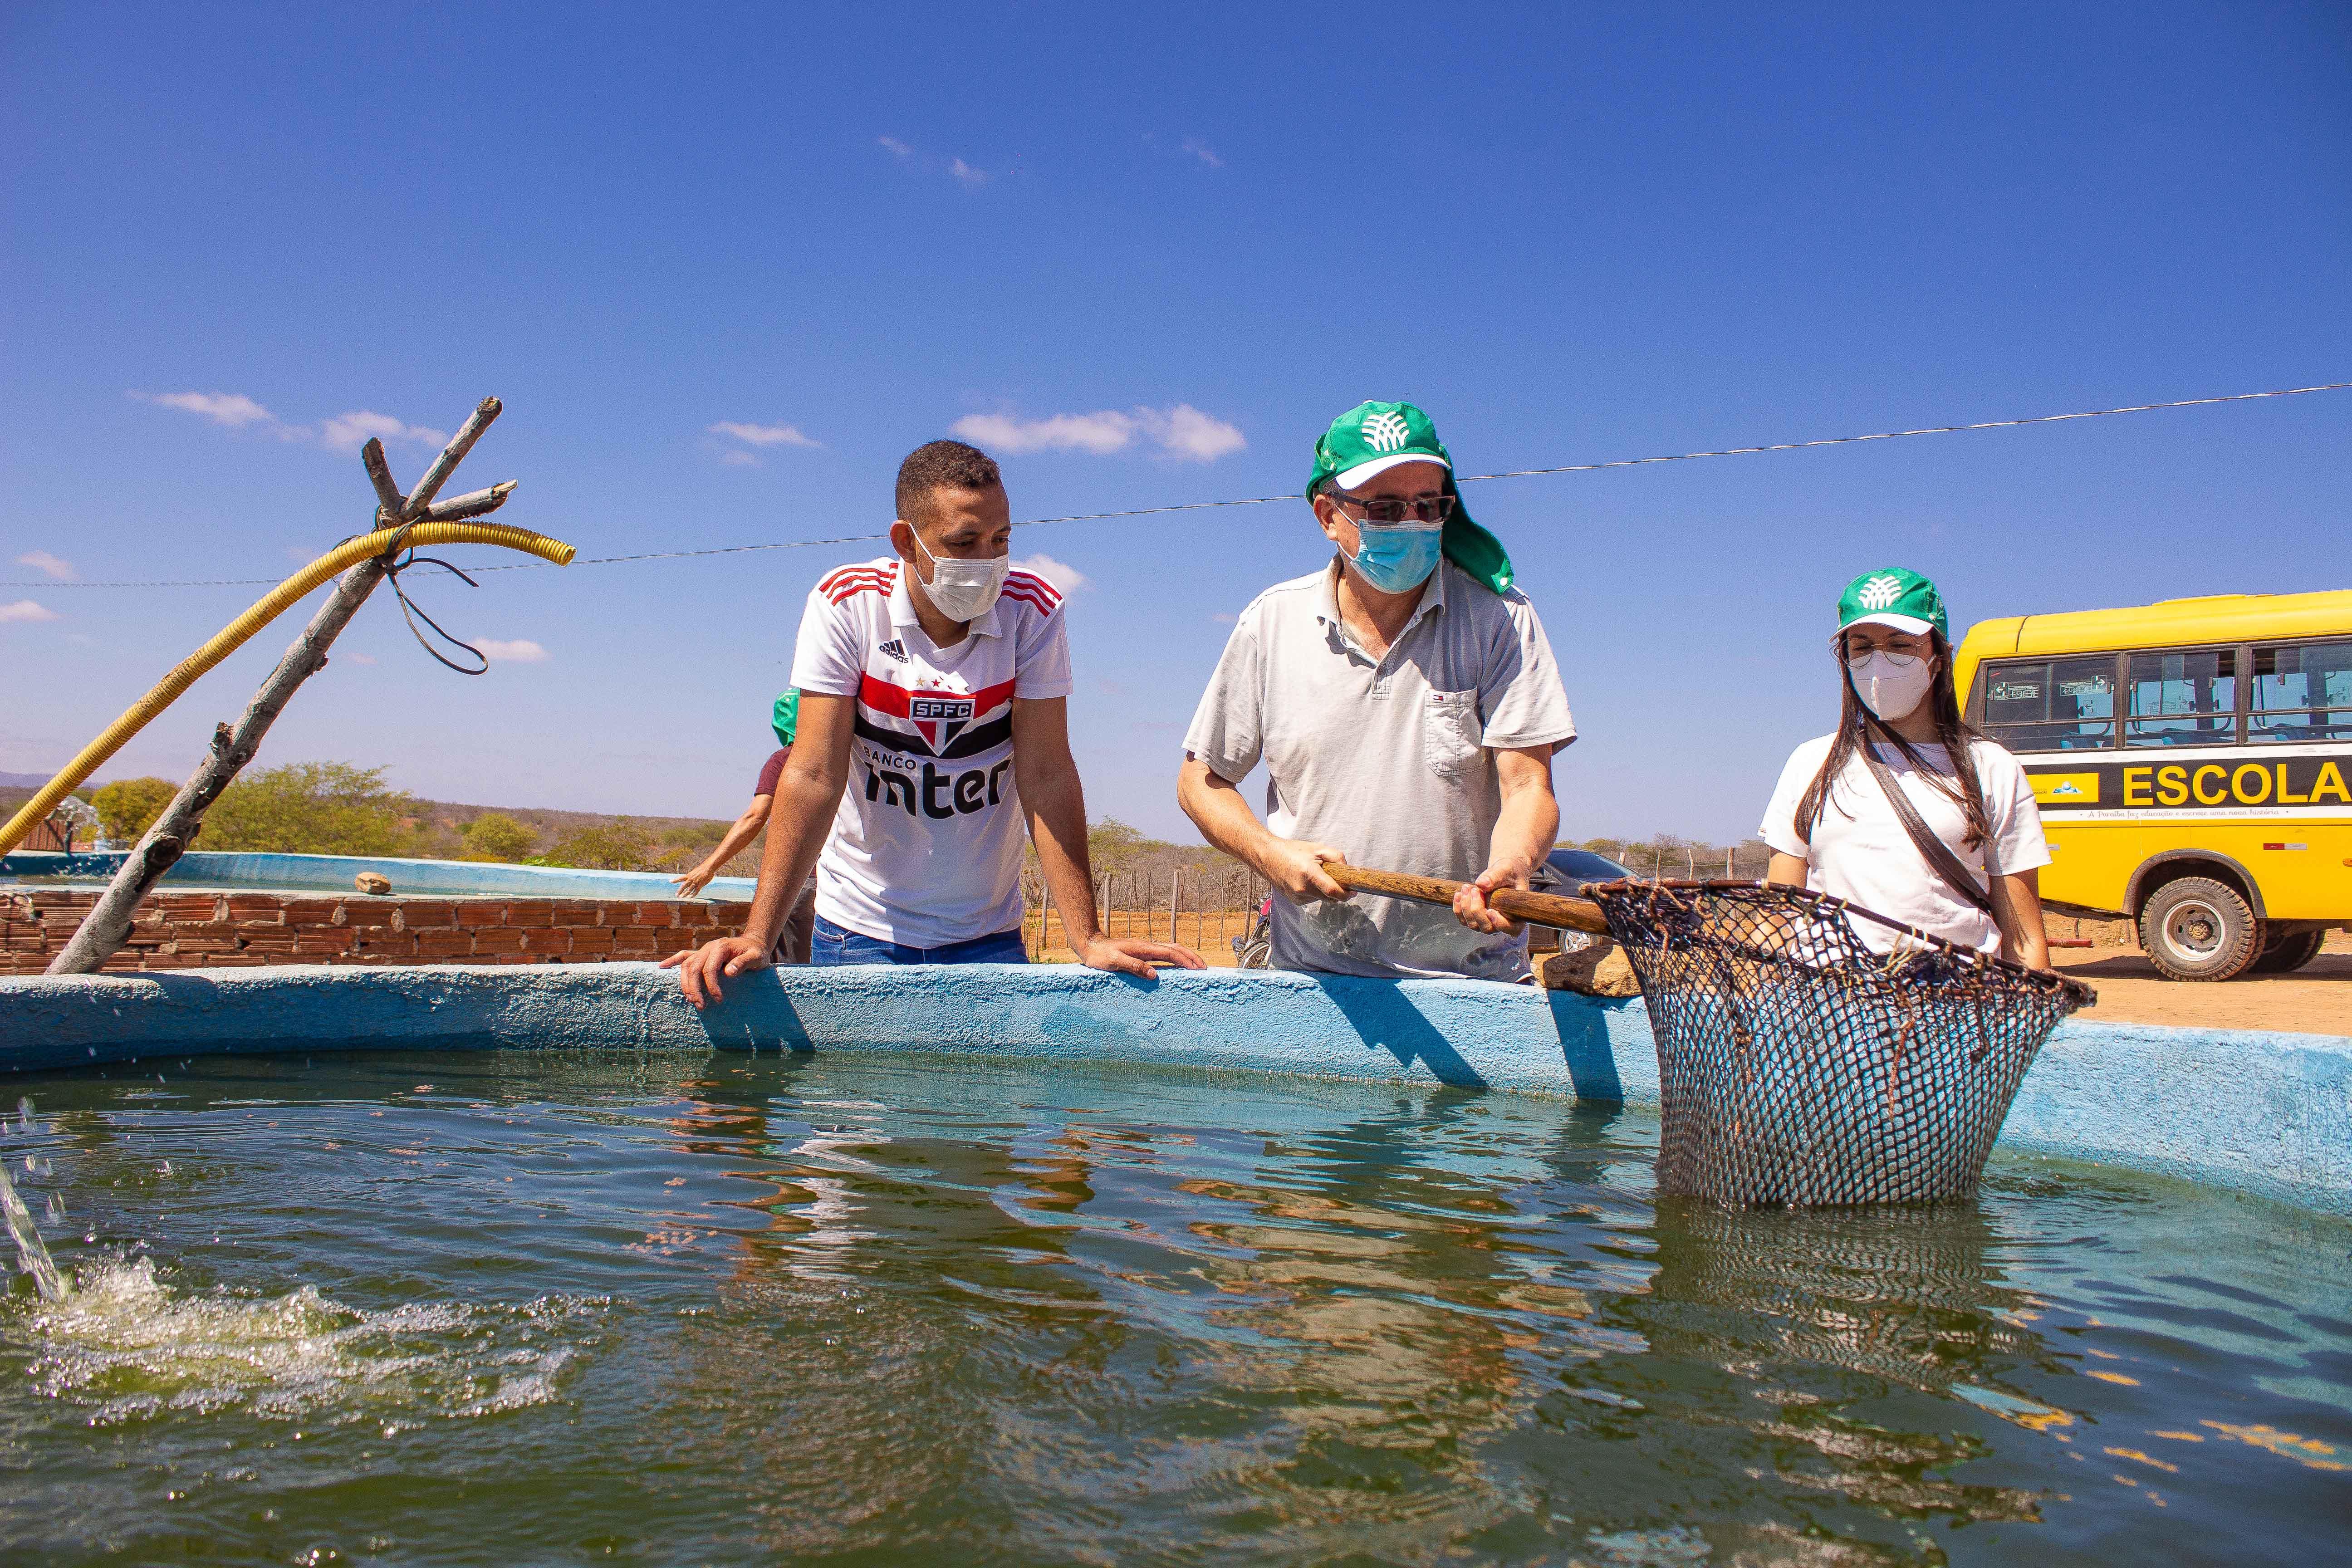 2021-09-17-e-19-curso-piscicultura-francisco-cesar-4713.jpg